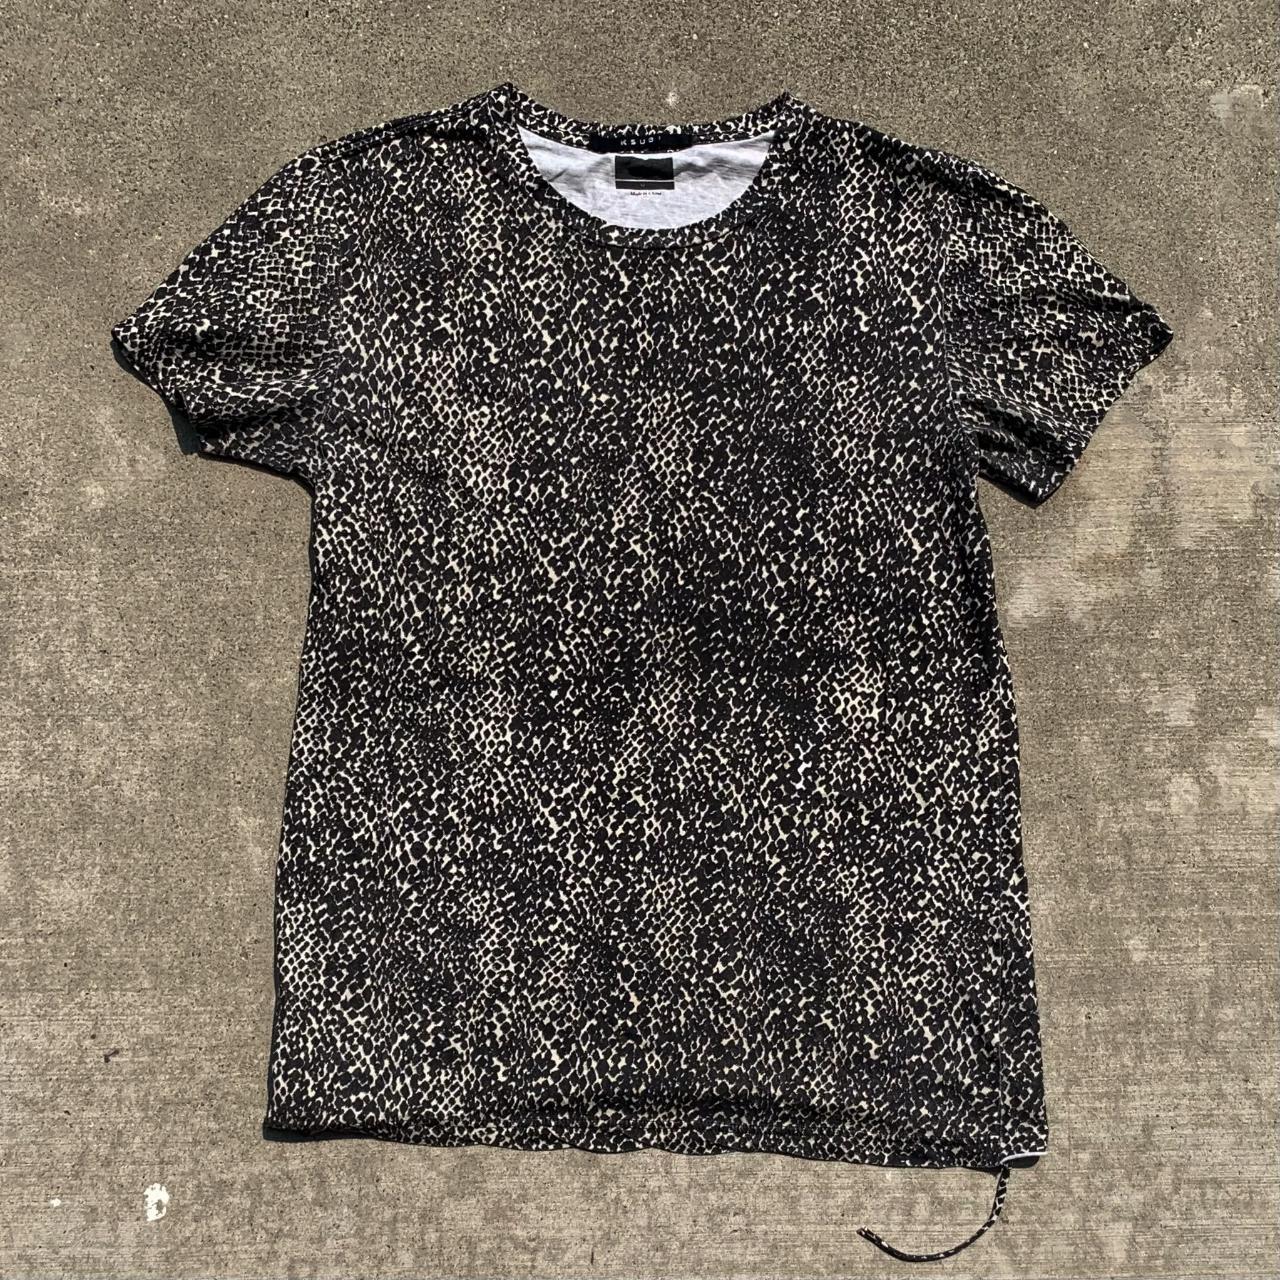 Product Image 1 - 〰️ Ksubi Leopard Print T-Shirt